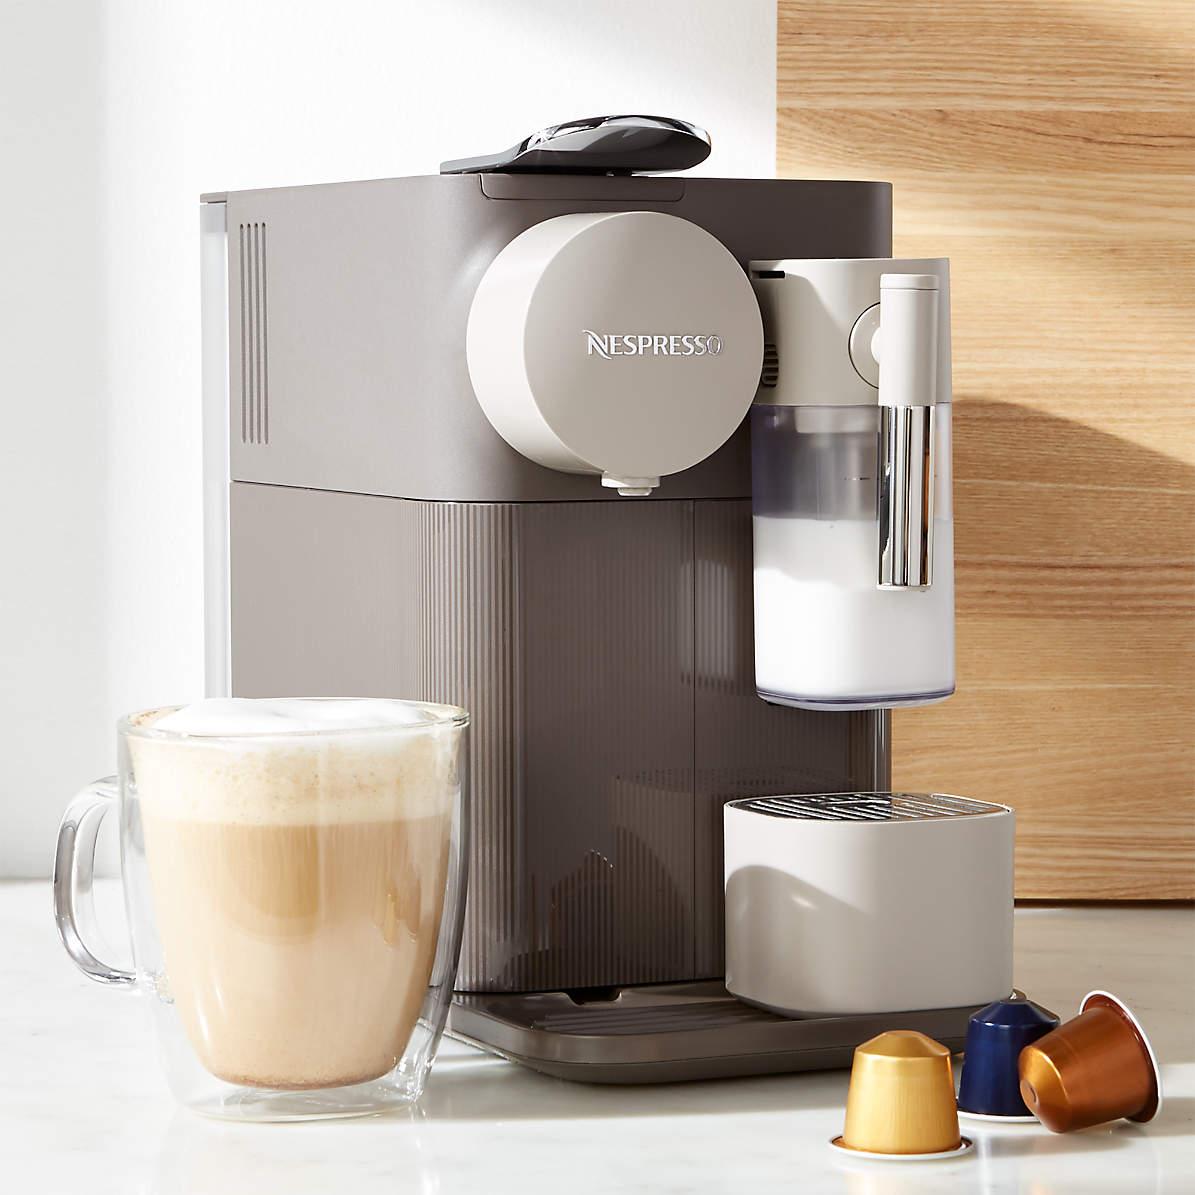 Nespresso Lattissima One Espresso /& Coffee Maker Warm Slate